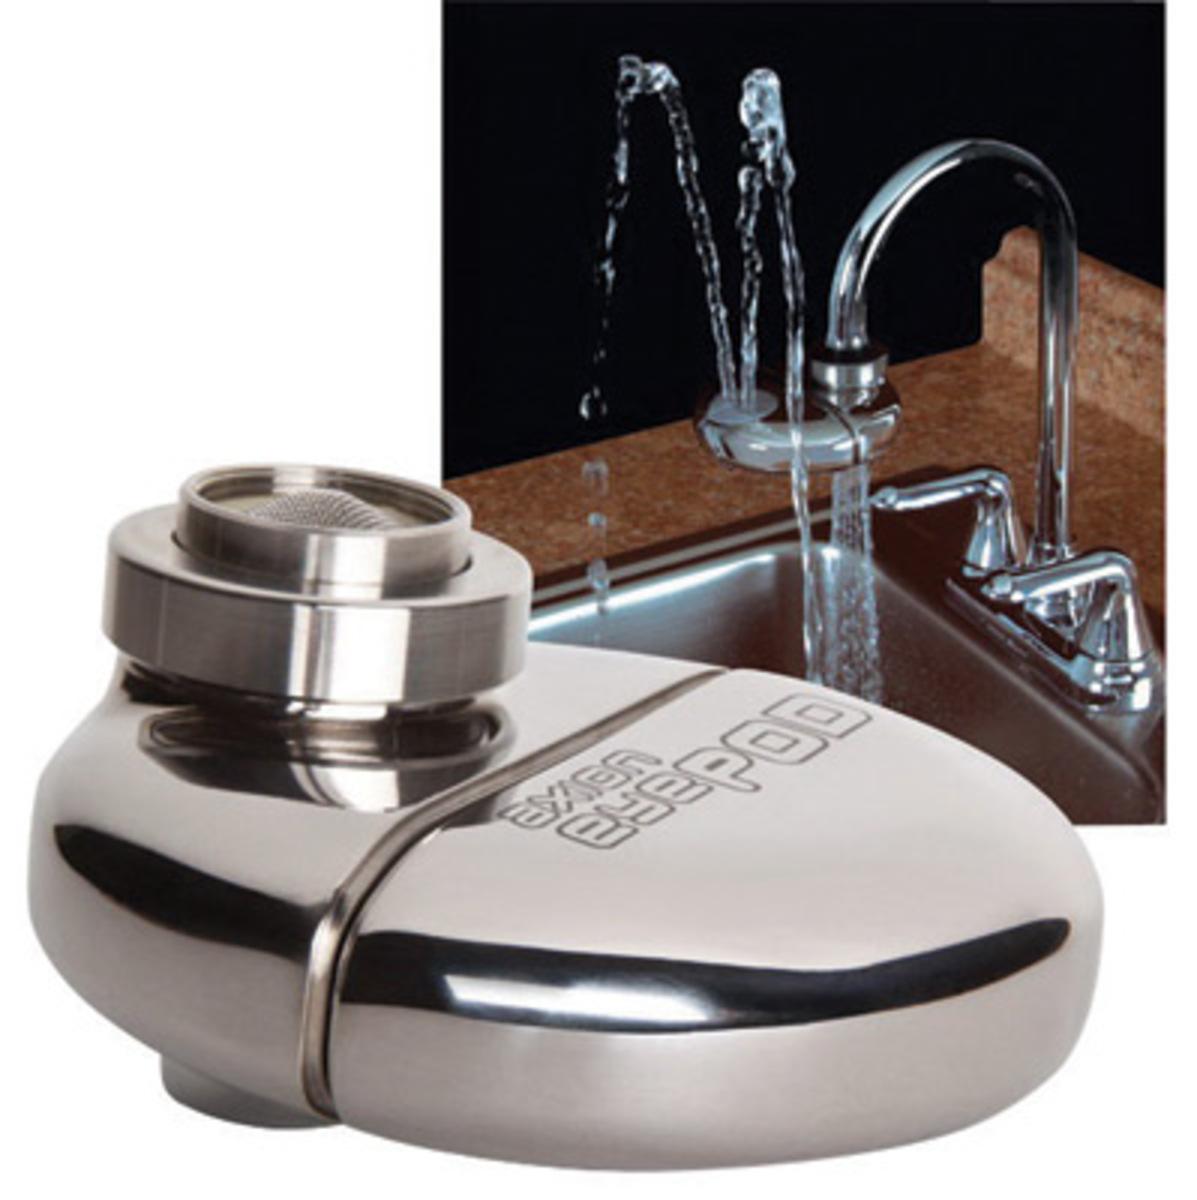 Airgas - H307620 - Haws® AXION® eyePod® Eye Wash Station